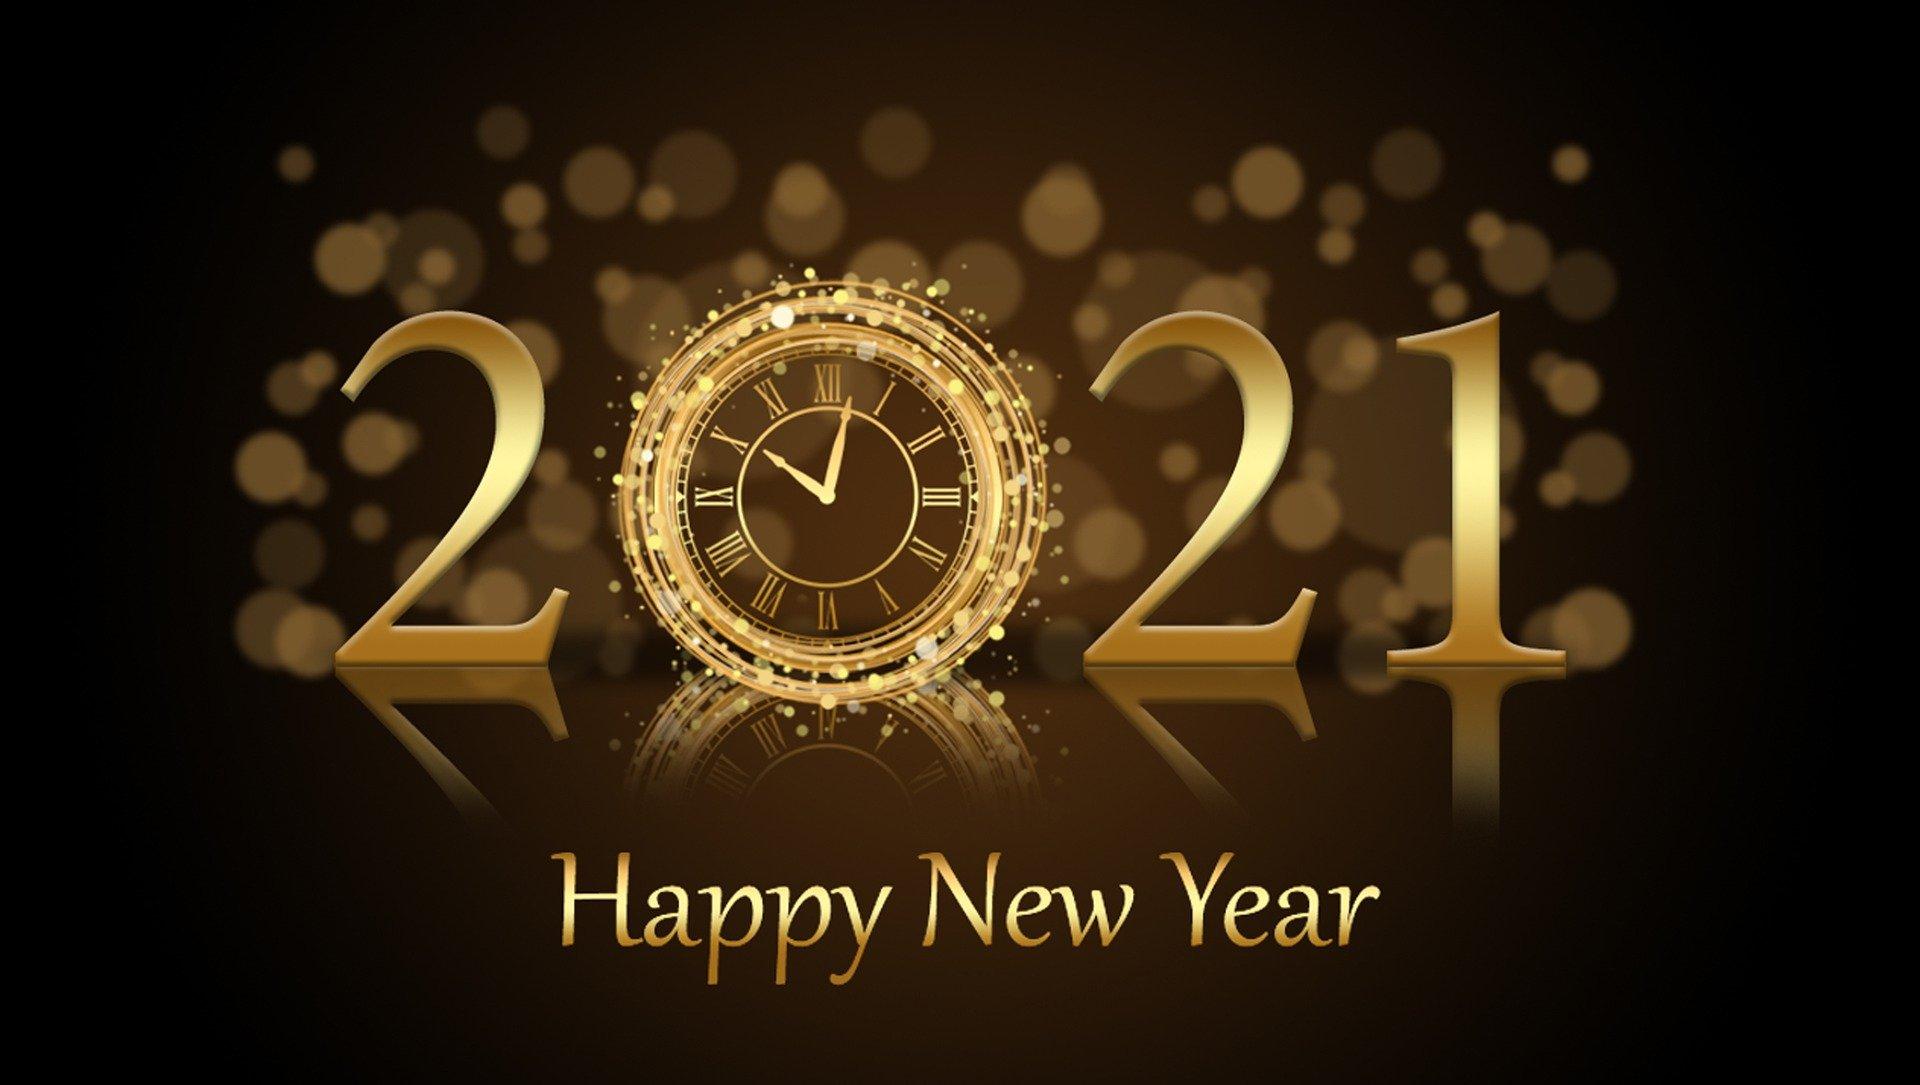 New year 2021 - Stichting van de familieleden